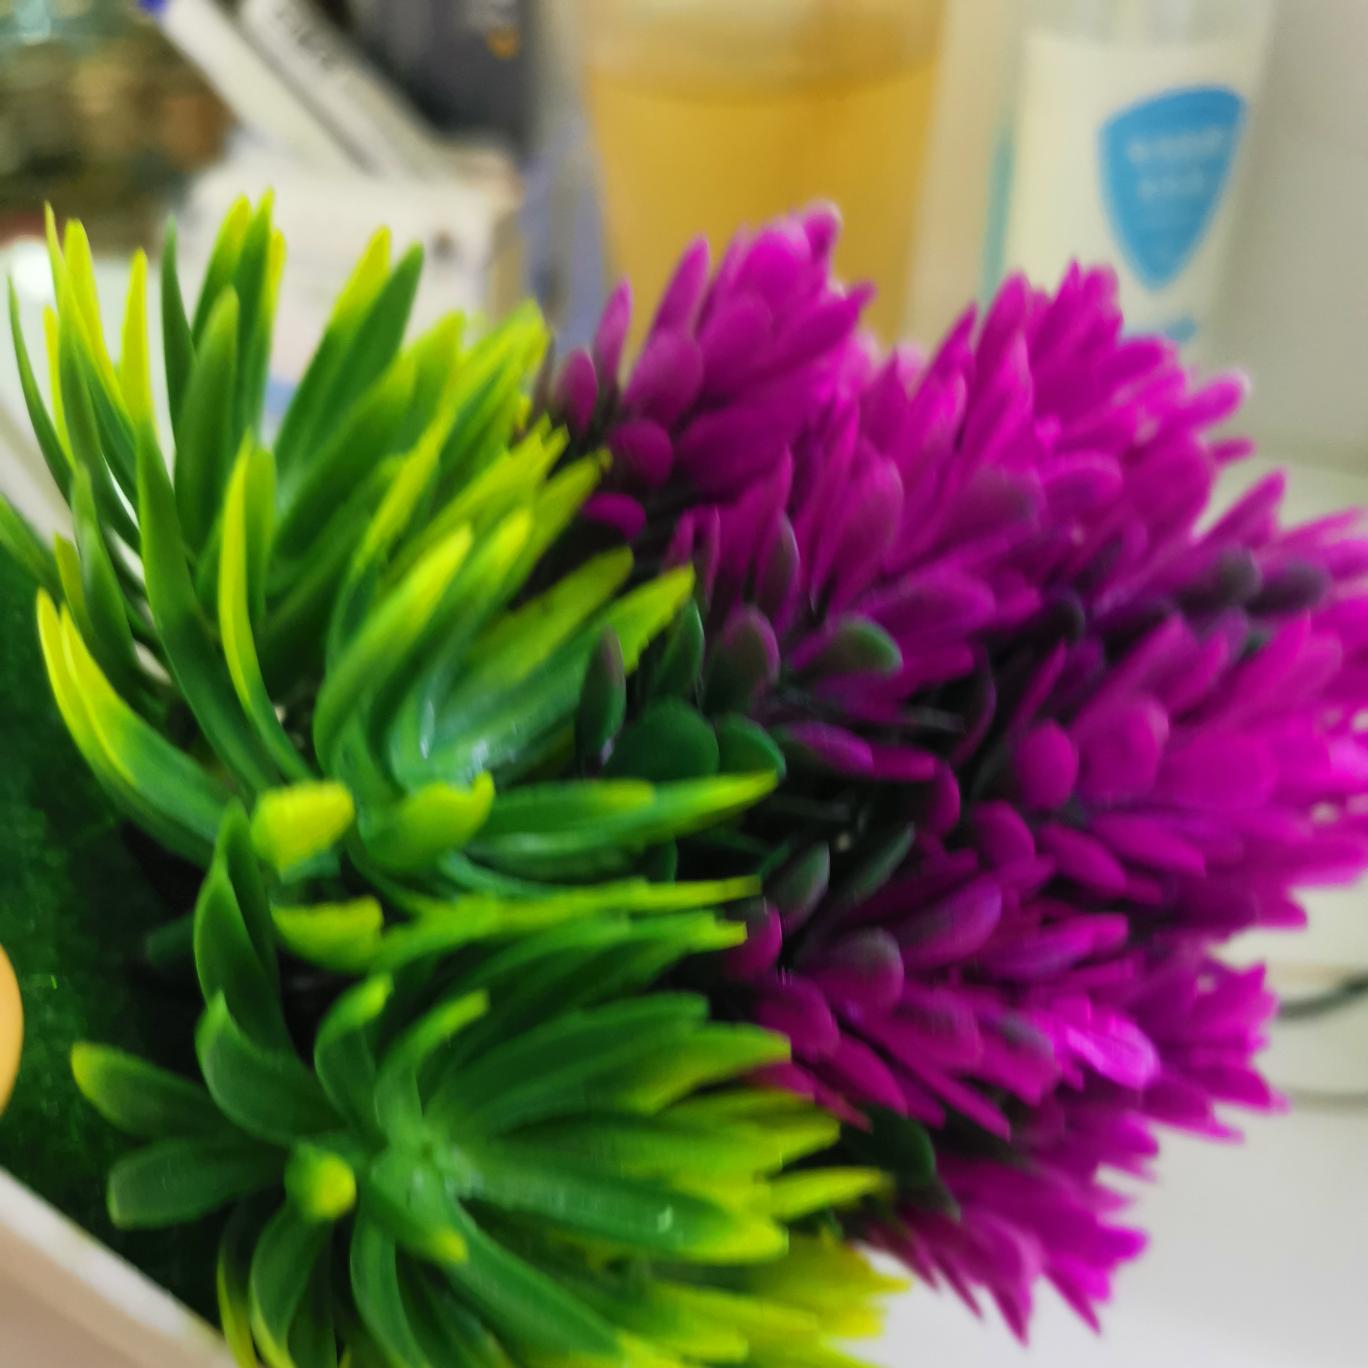 201盆景绿植仿真花假花客厅卧室装饰花绿植盆栽盆景摆设创意摆件装饰品塑料花仿真盆景盆栽